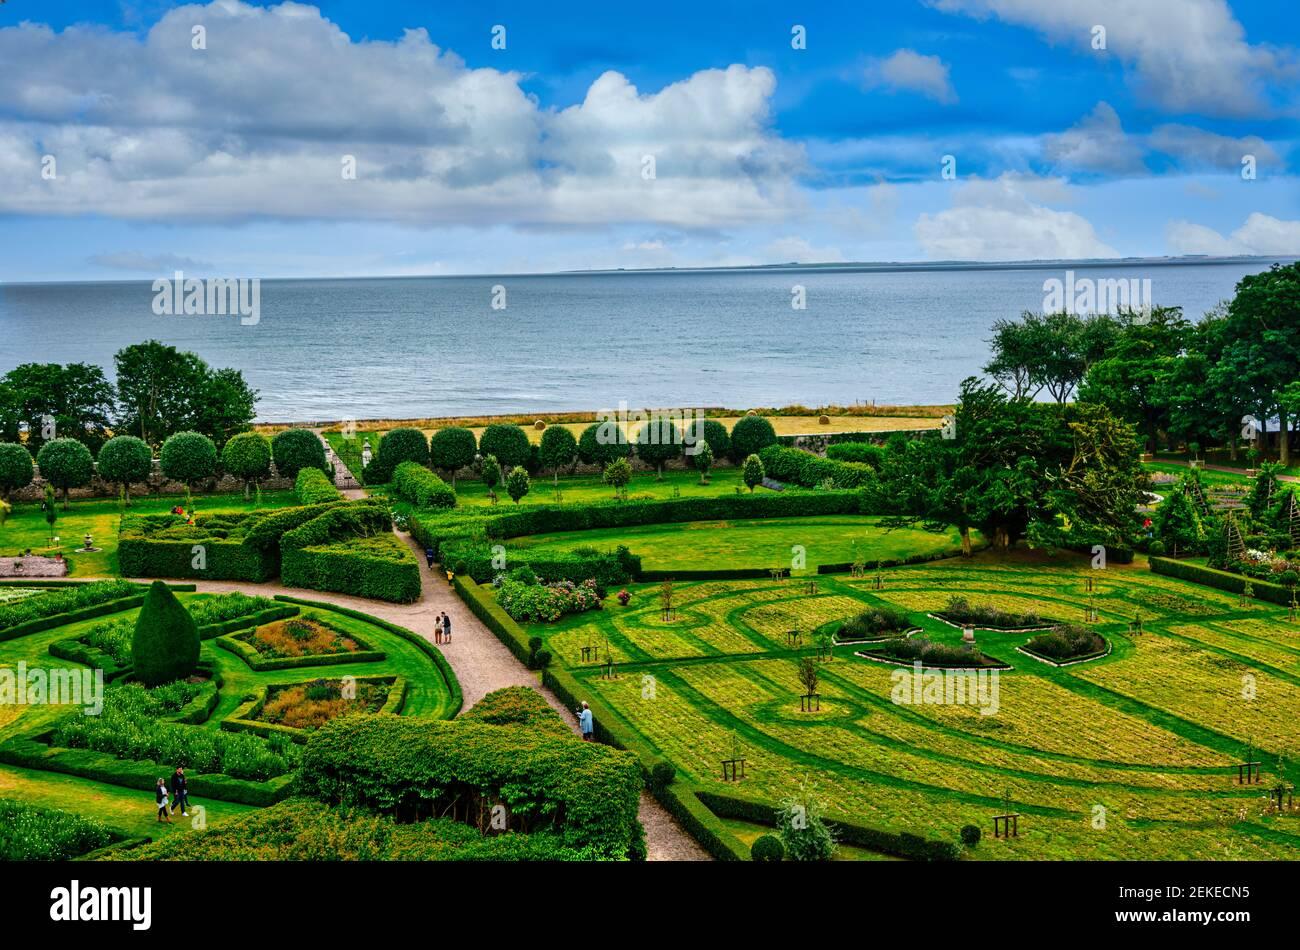 Jardines en el Castillo de Dunrobin, sede familiar del conde de Sutherland Y presentado por el arquitecto Sir Charles Barry in 1850.Golspie Escocia Foto de stock